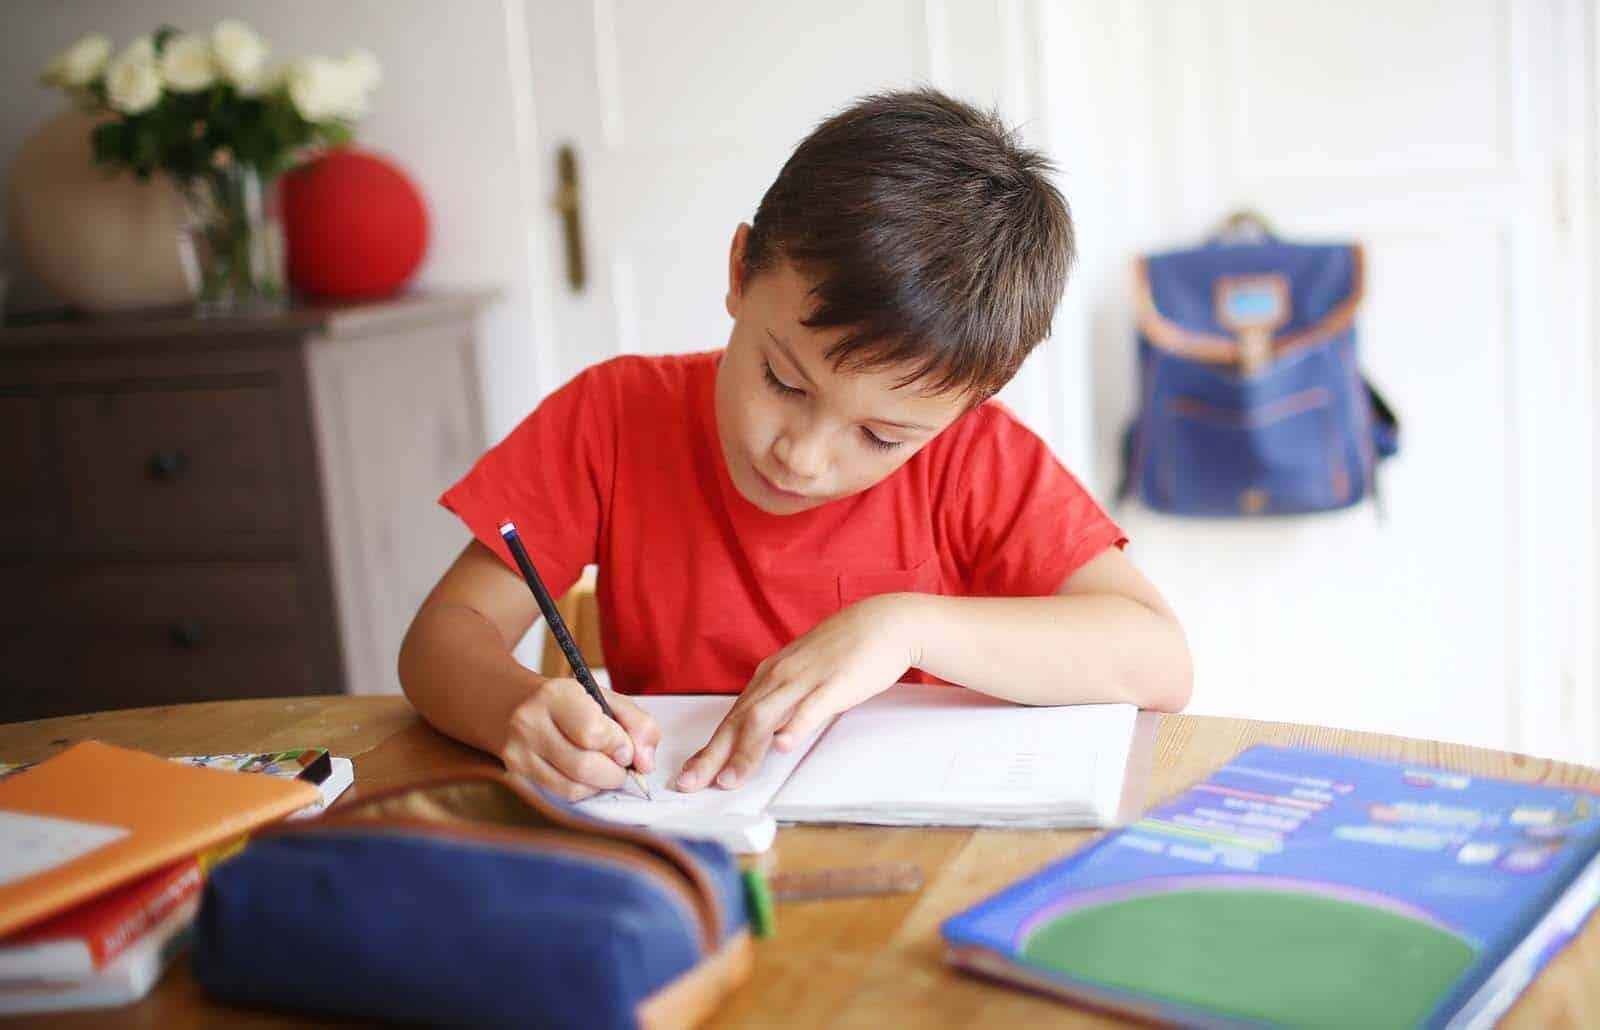 mejores agendas escolares 2020 - 21 para chicos